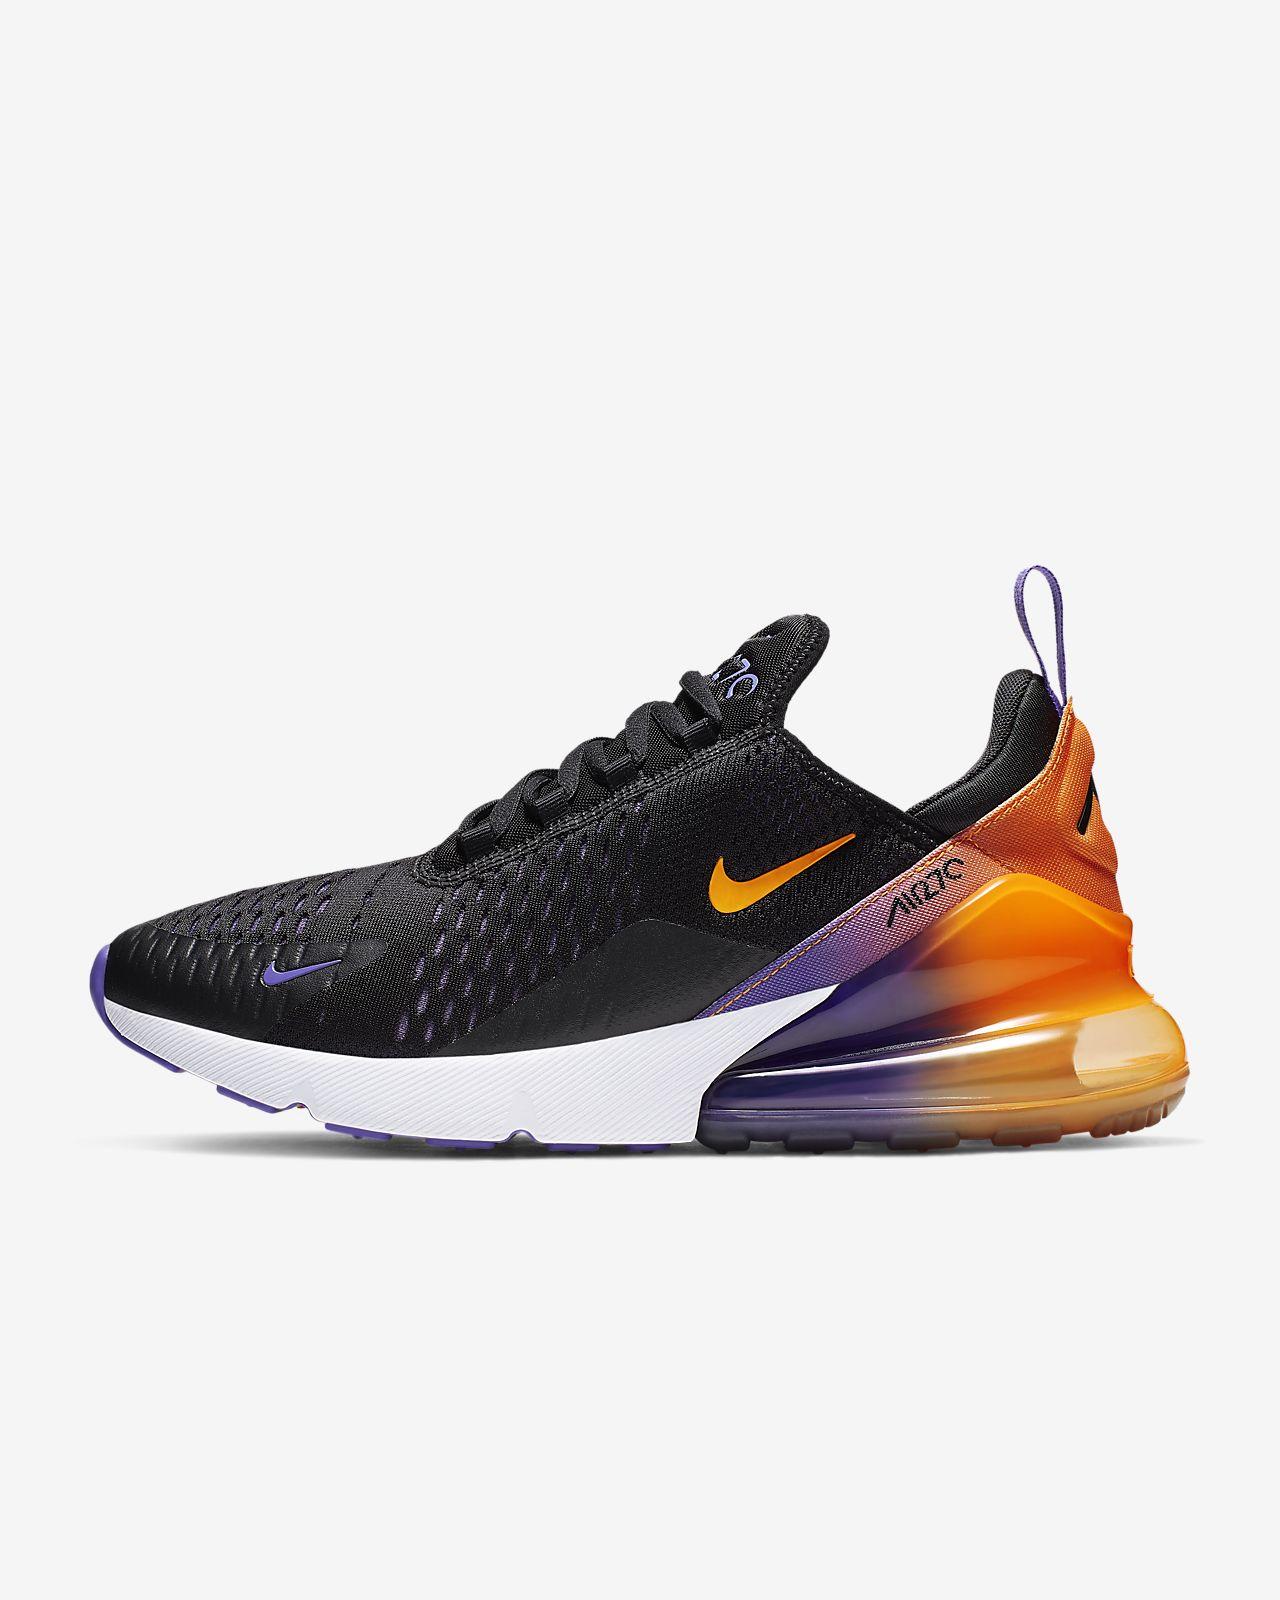 NikeAir Max 270 男子运动鞋